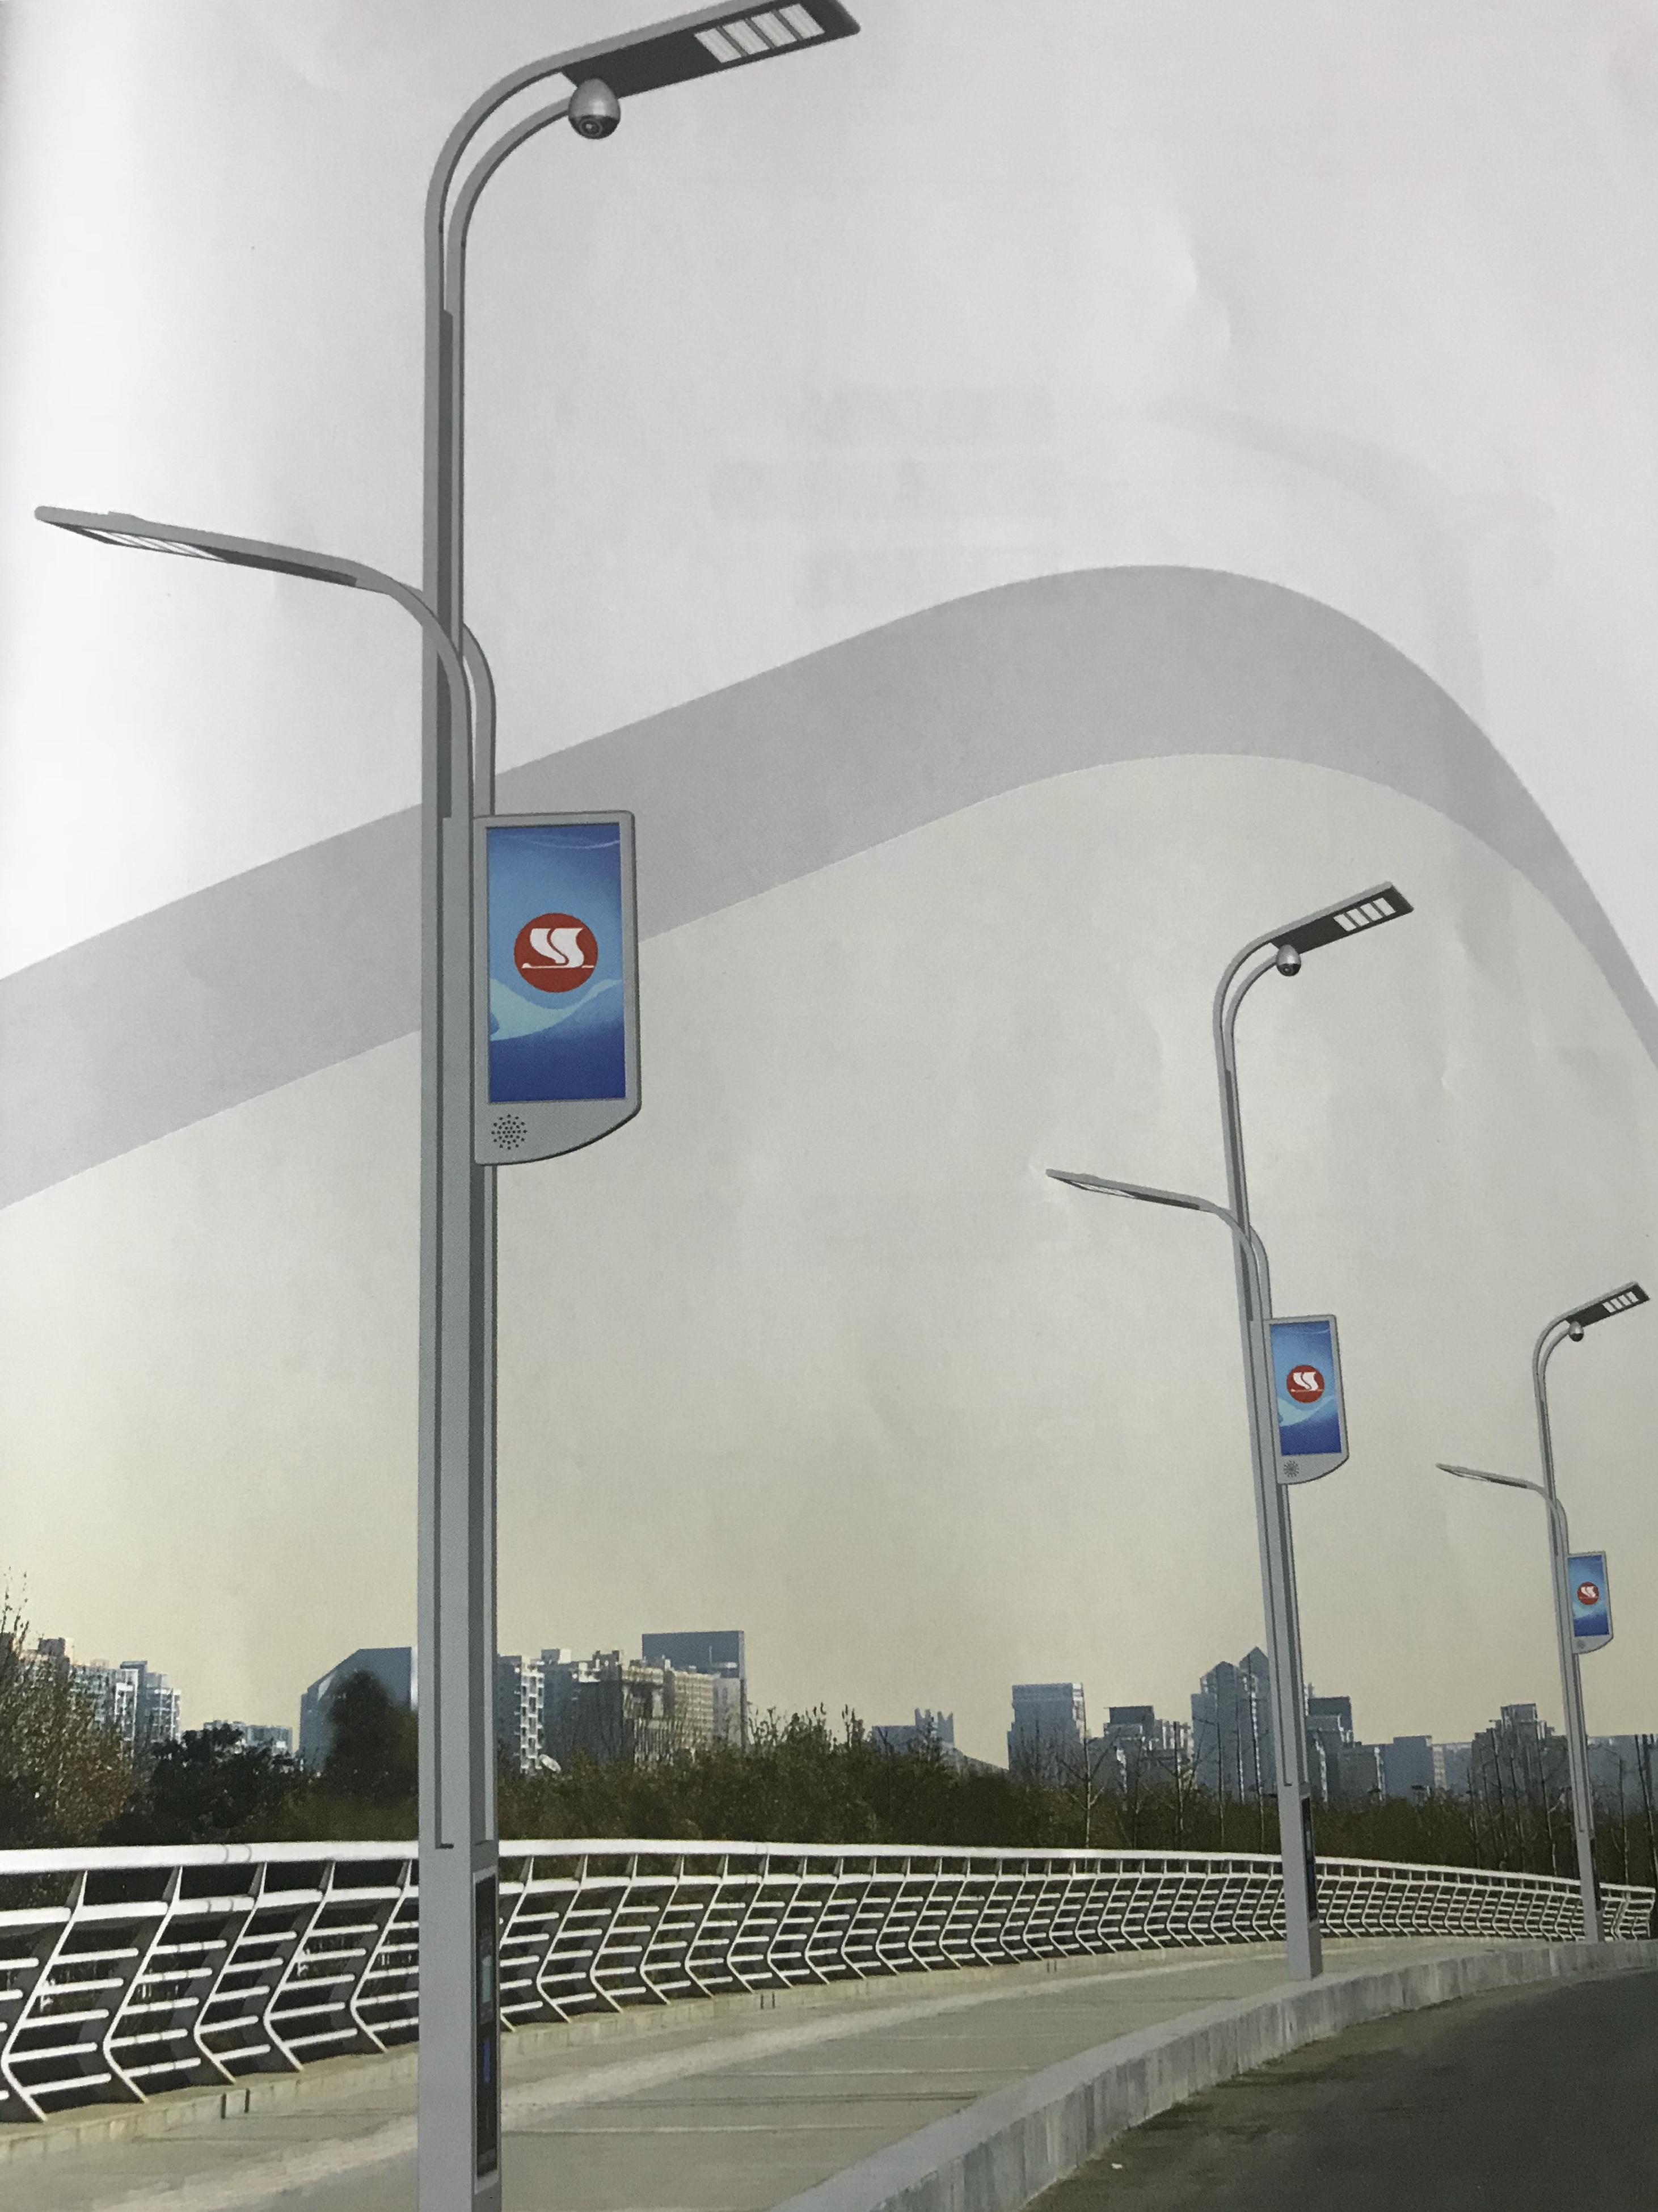 Outdoor Intelligent Street Lamp